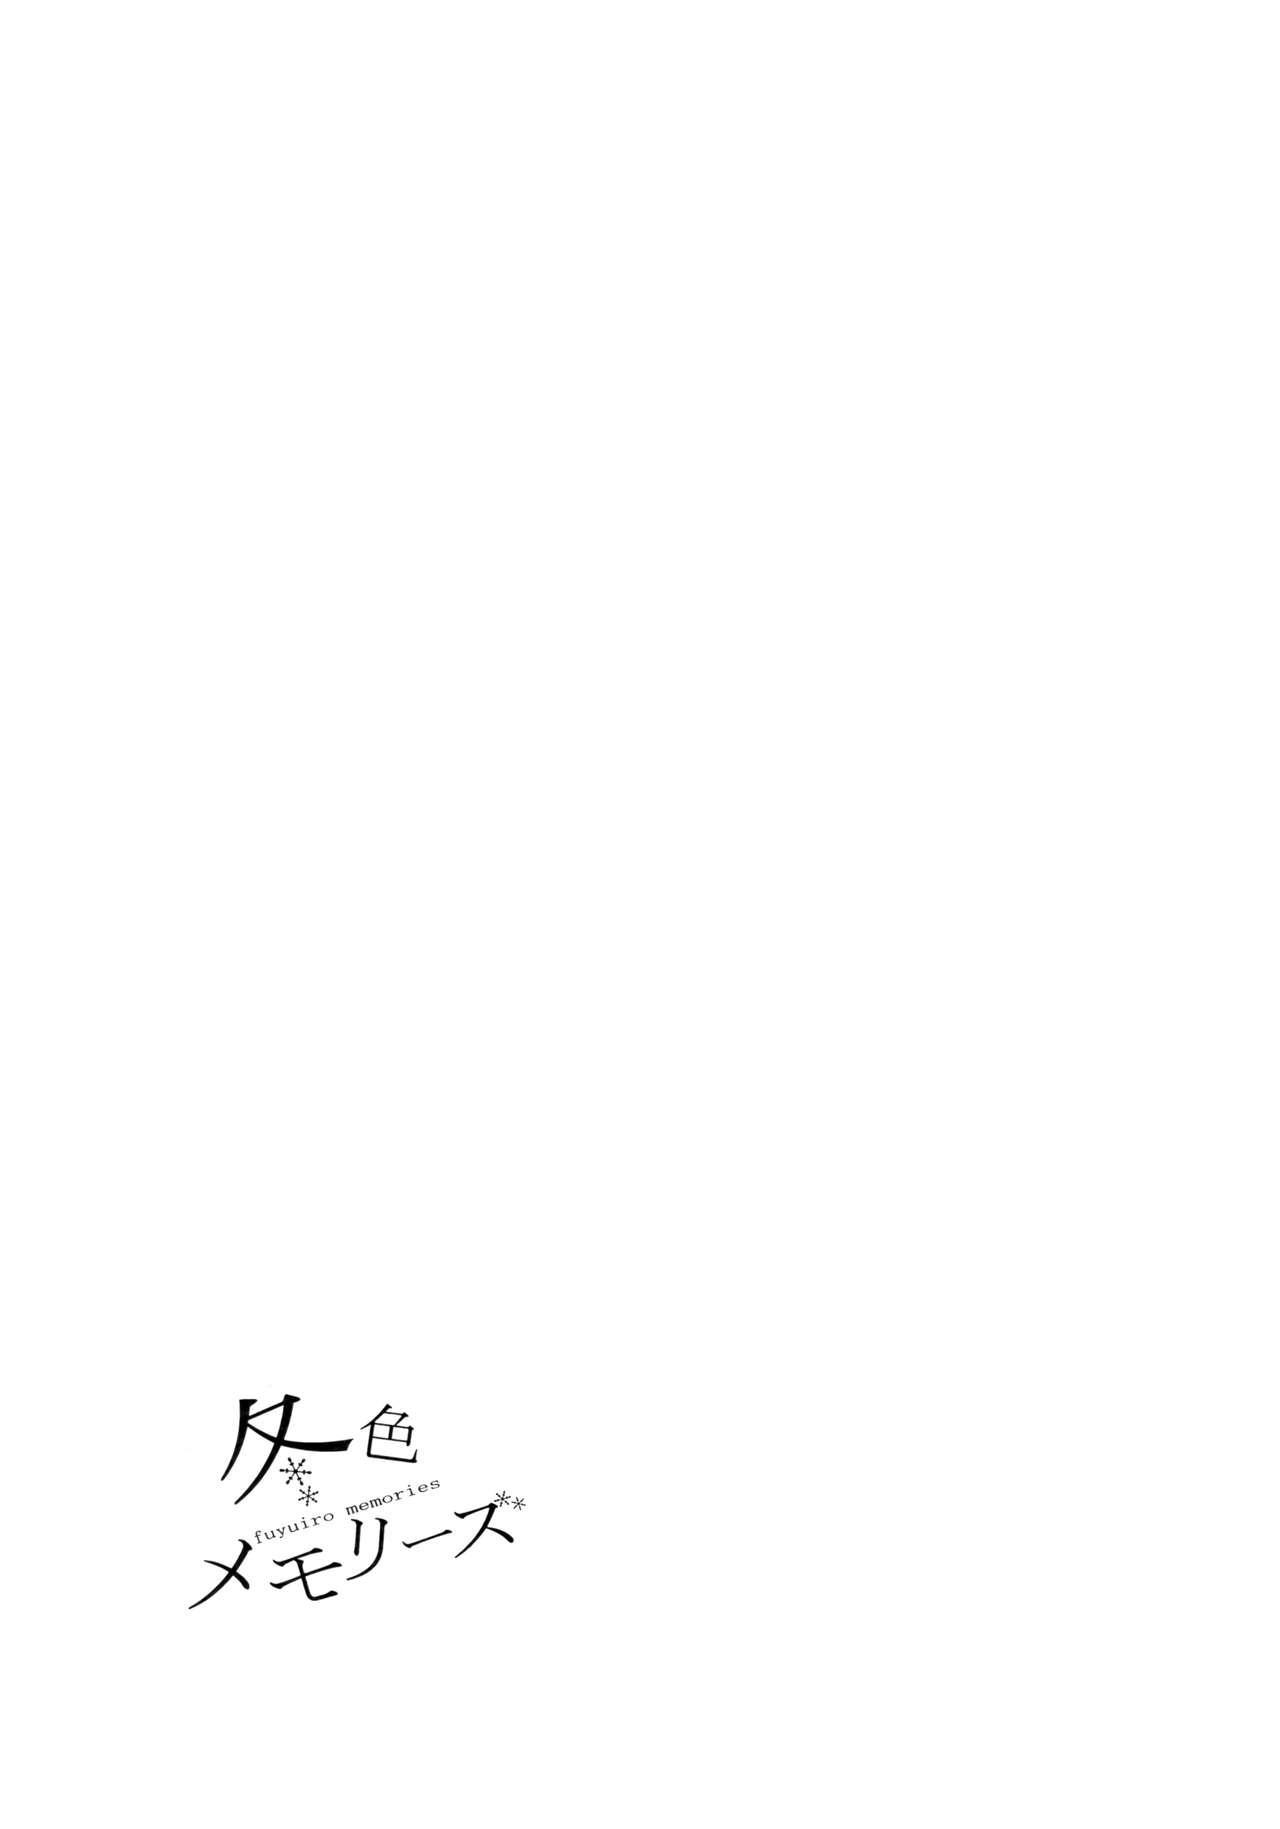 Fuyuiro Memories - Winter Color Memories 255